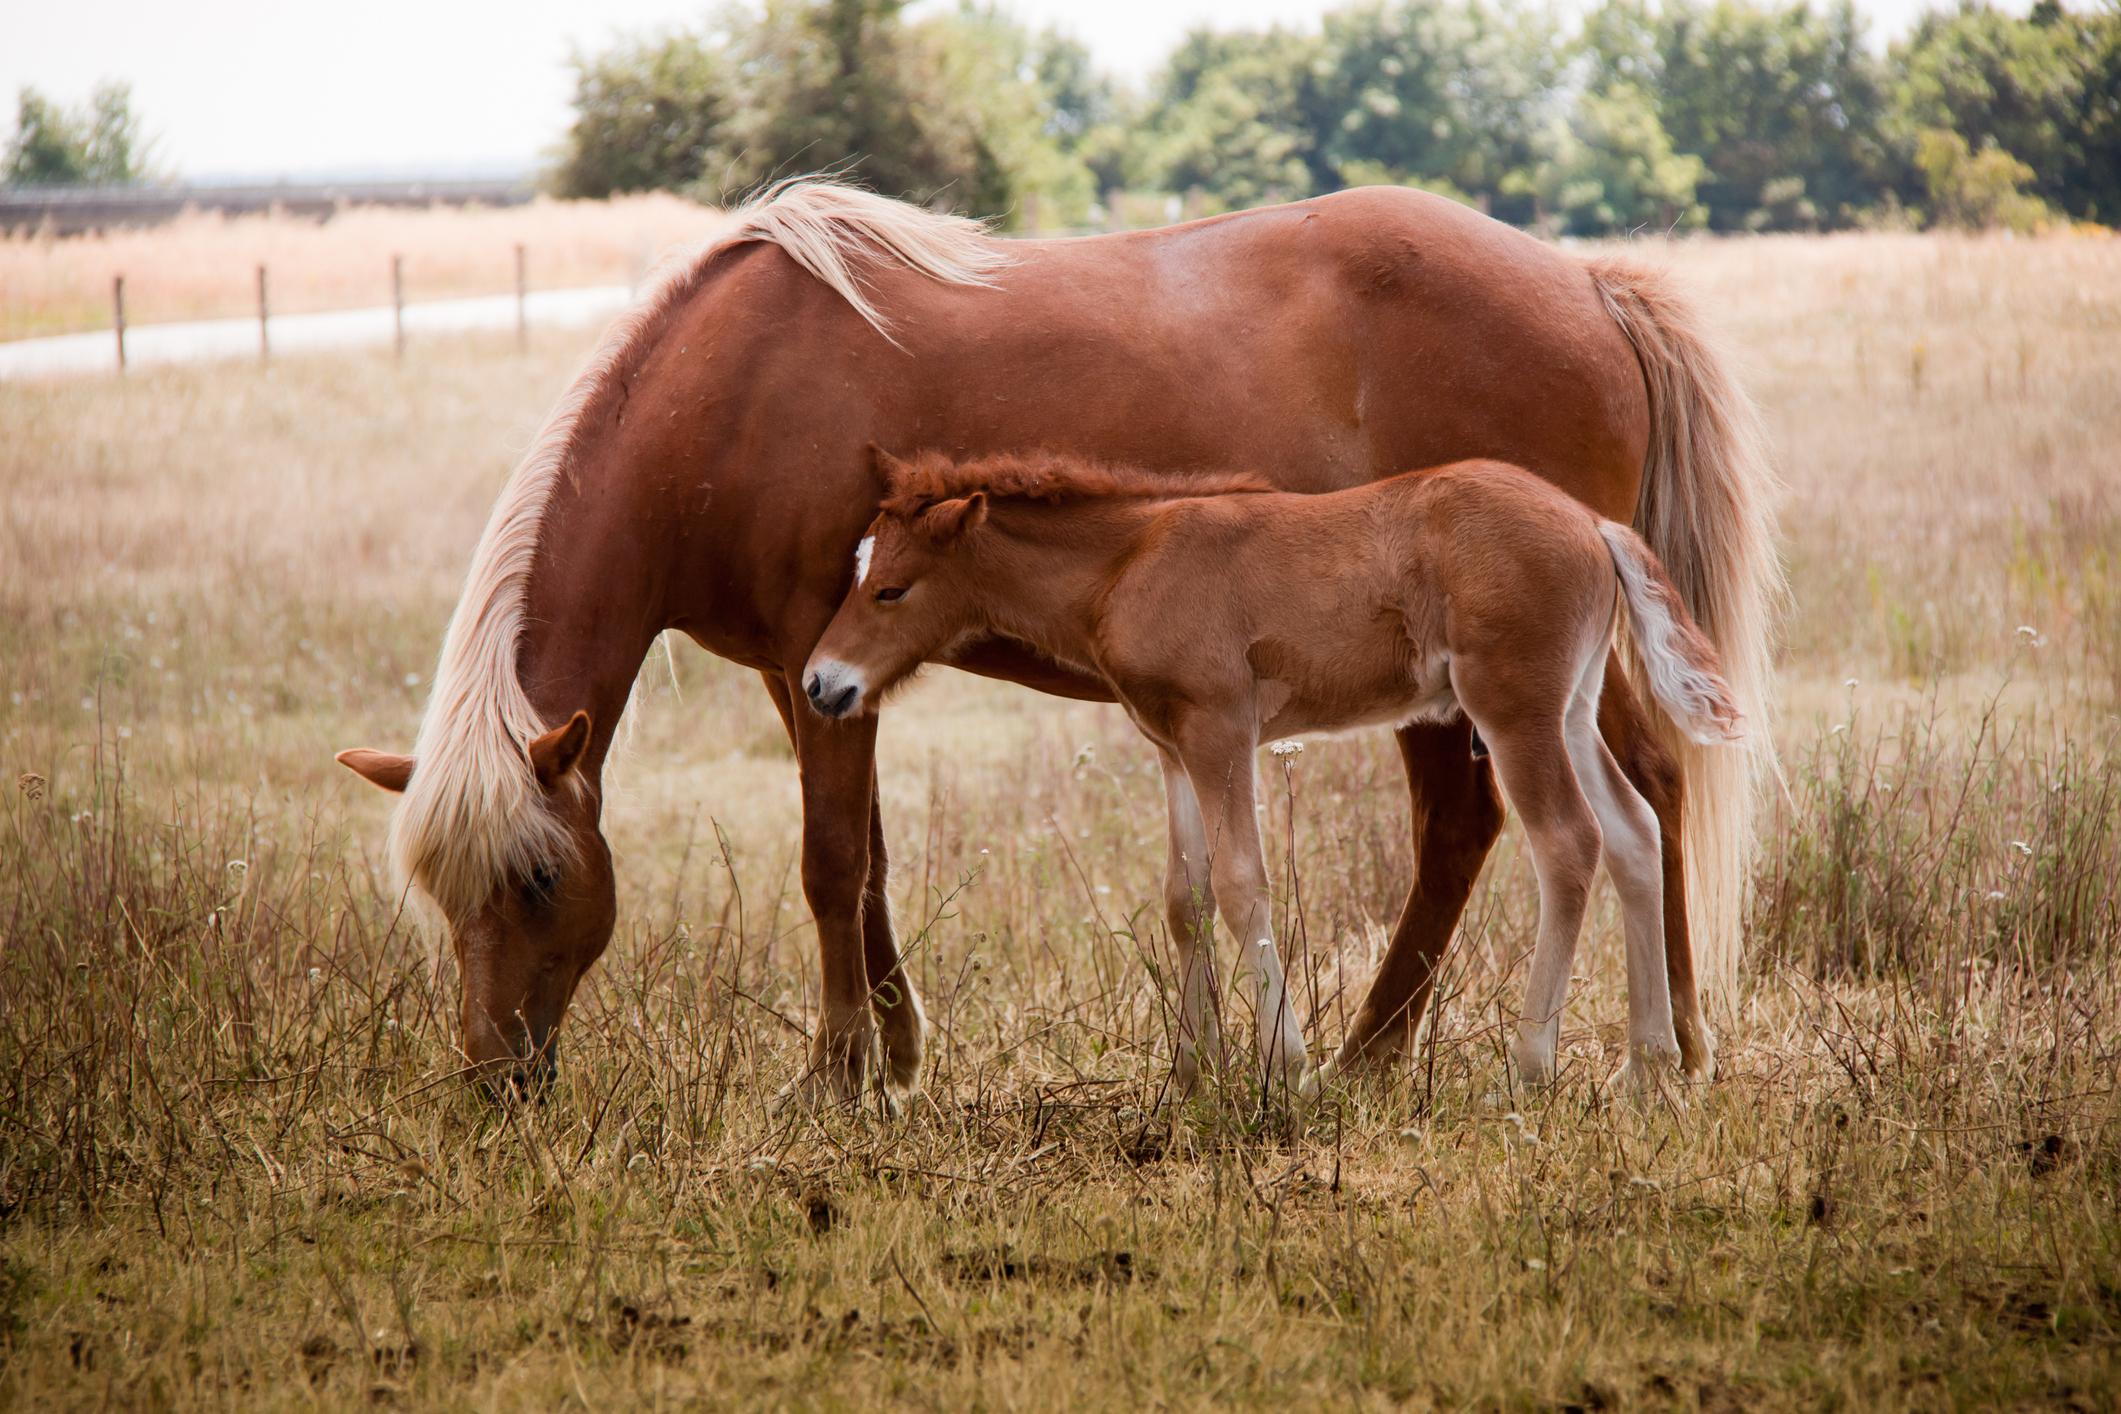 Pferdezucht: Wissenswertes rund ums Züchten von Pferden